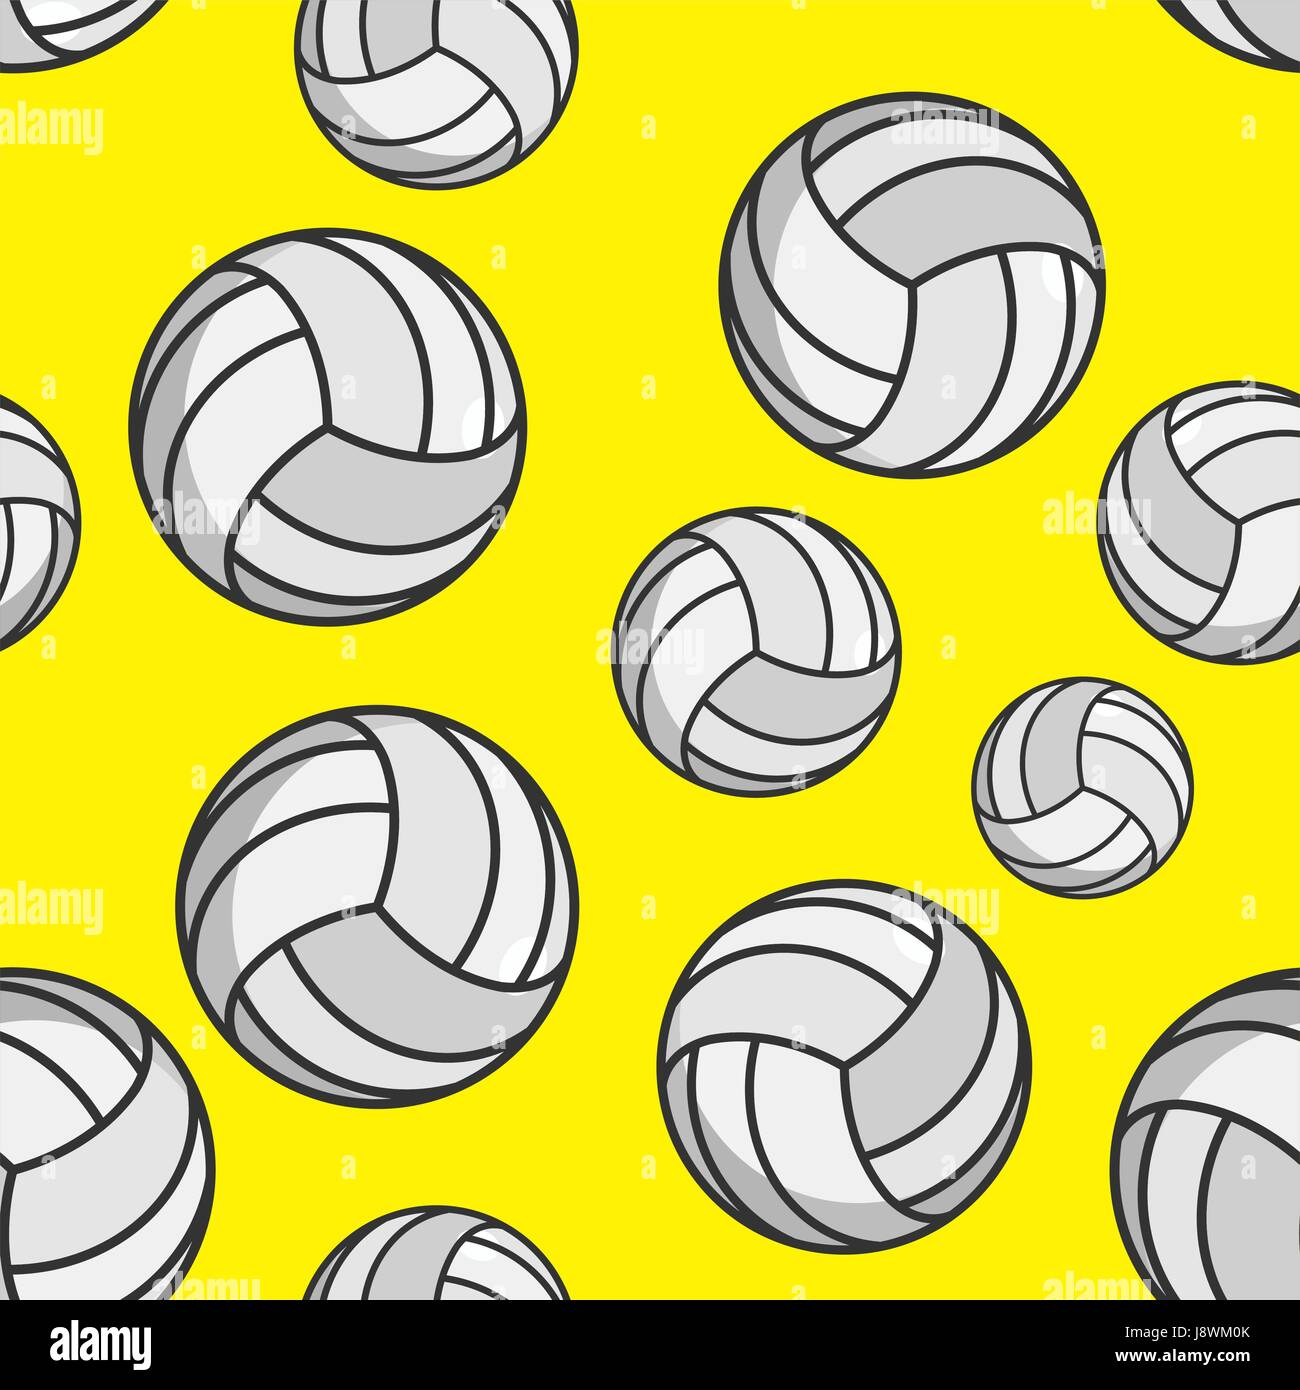 Voleibol patrón sin fisuras. Ornamento de accesorios deportivos.  Antecedentes de voleibol. La textura e8823072cbc01